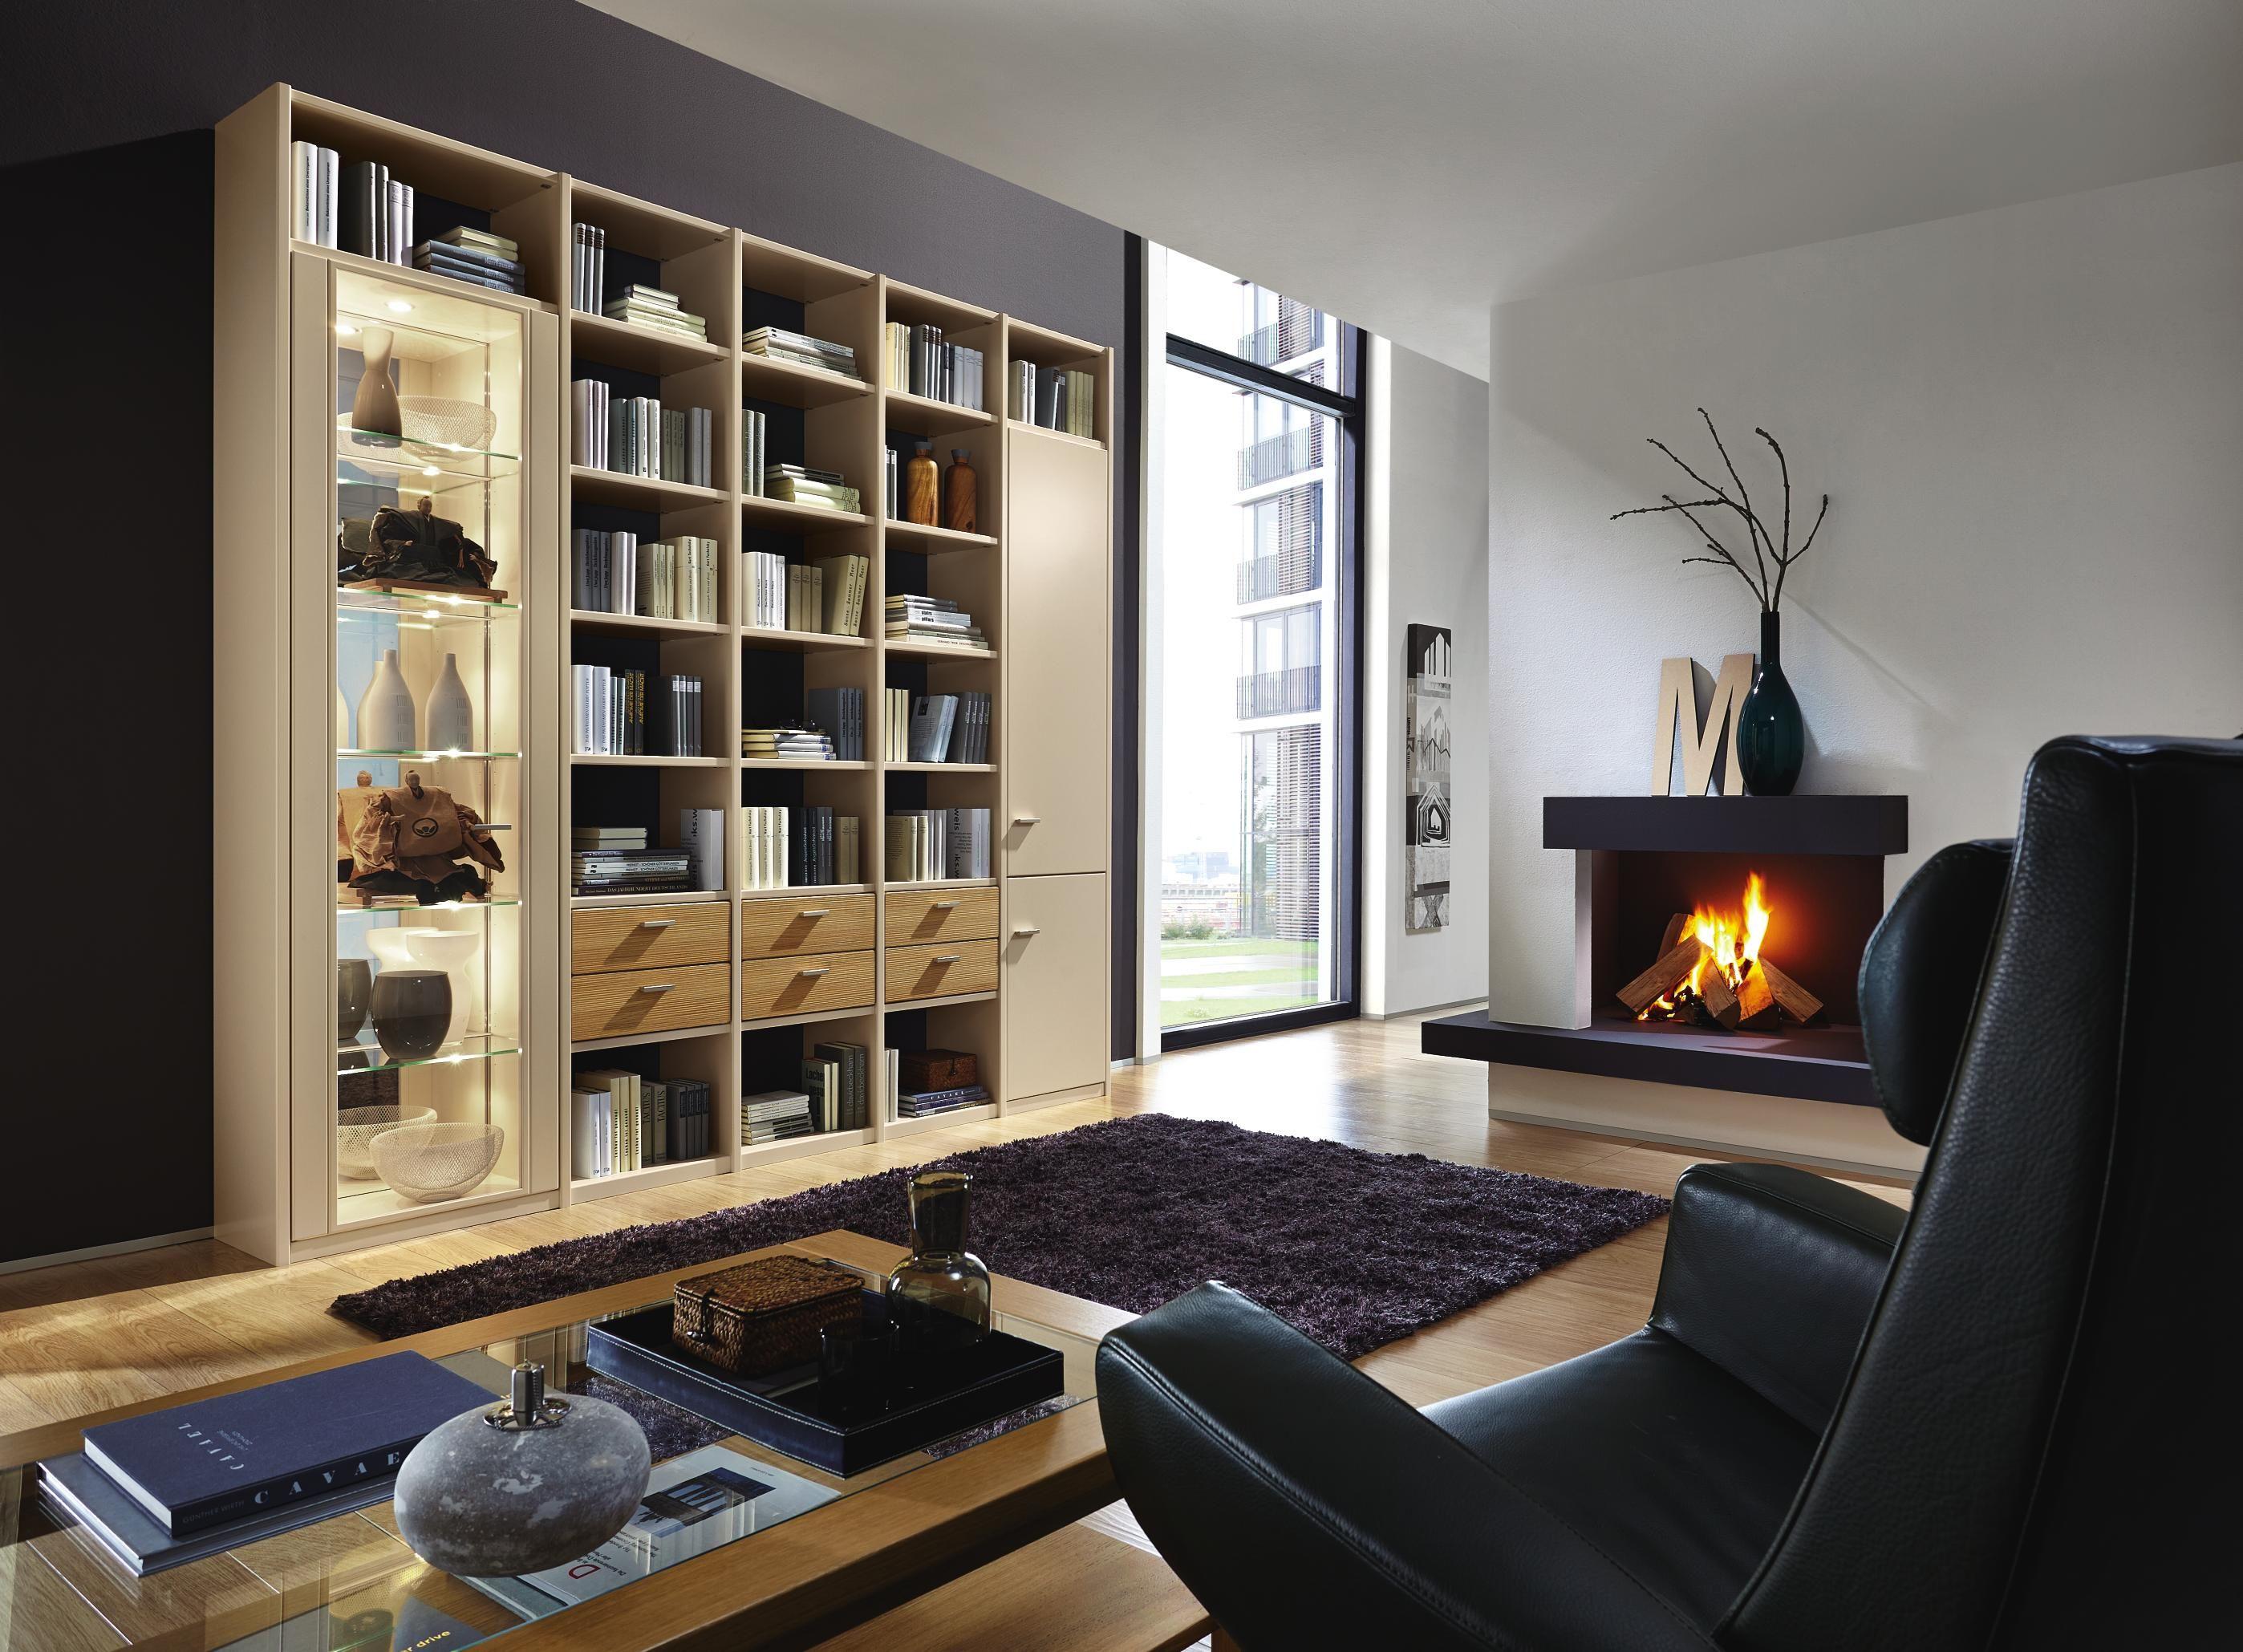 Großer wohnzimmerschrank ~ Moderner raumteiler von invivus: die elegante lösung für ihr